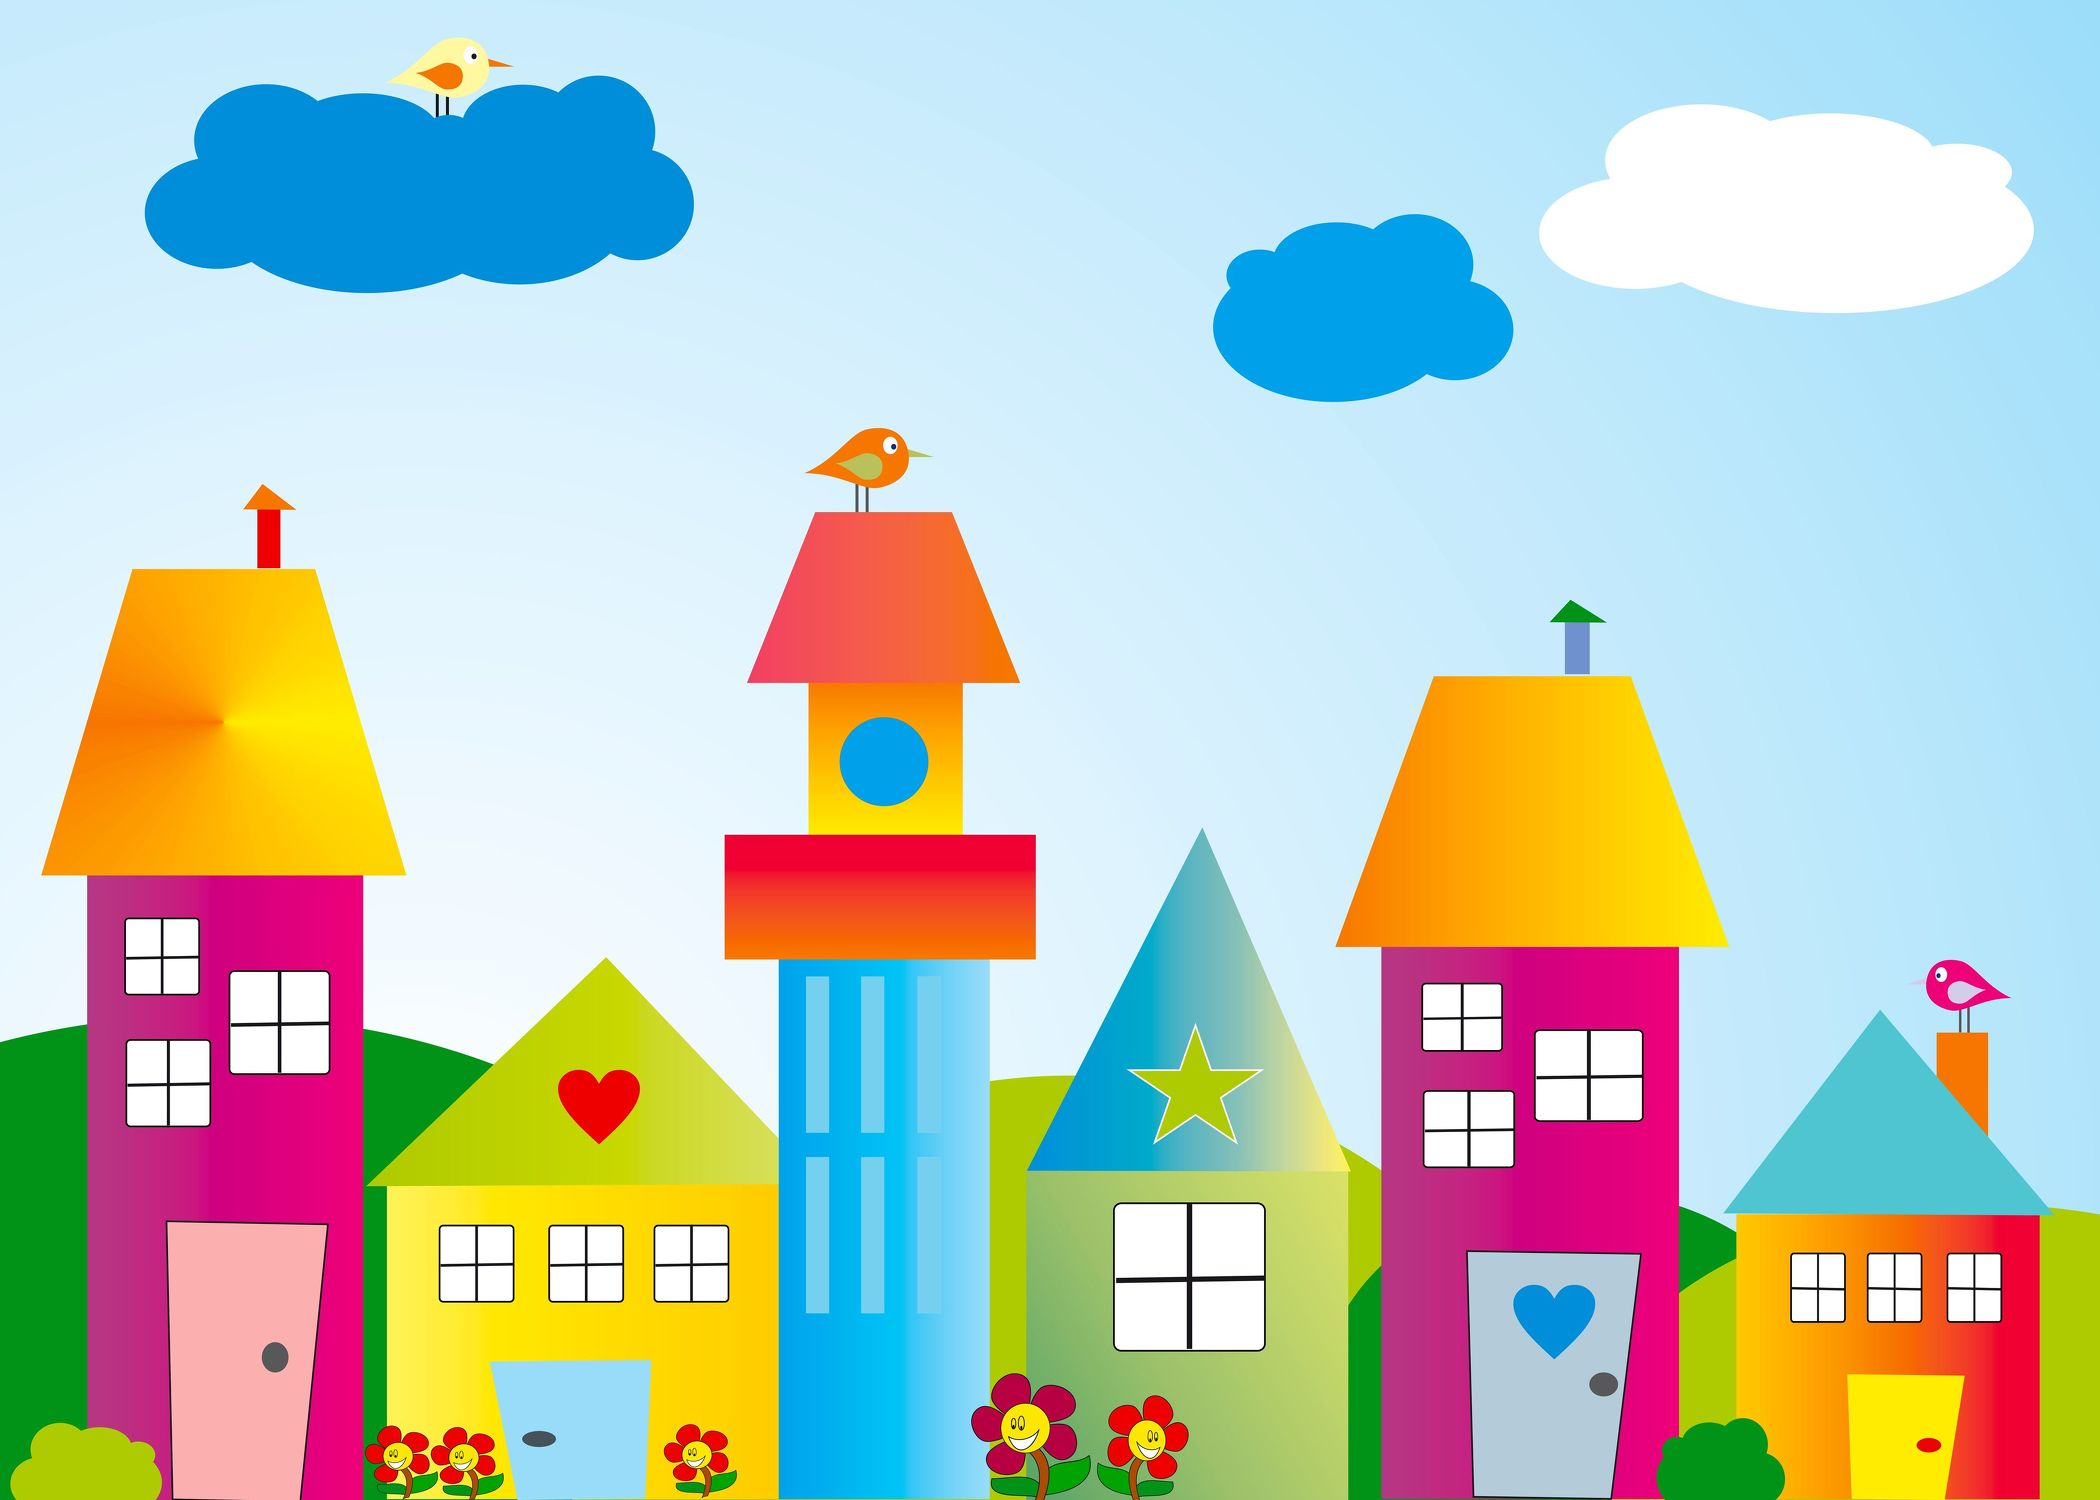 Bild mit Kunst, Zeichnung, Illustration, Kinderbild, Kinderbilder, Kinderzimmer, Kinderwelt